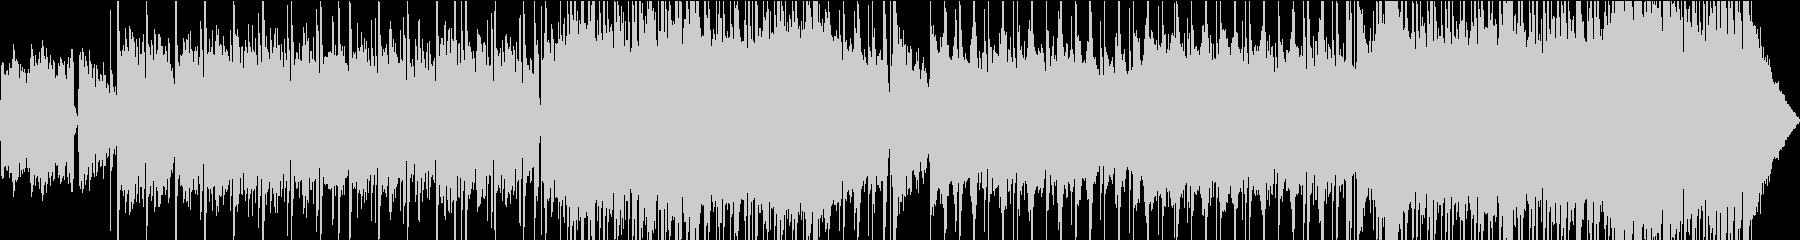 不安なトレモロ効果のギターフィギュ...の未再生の波形